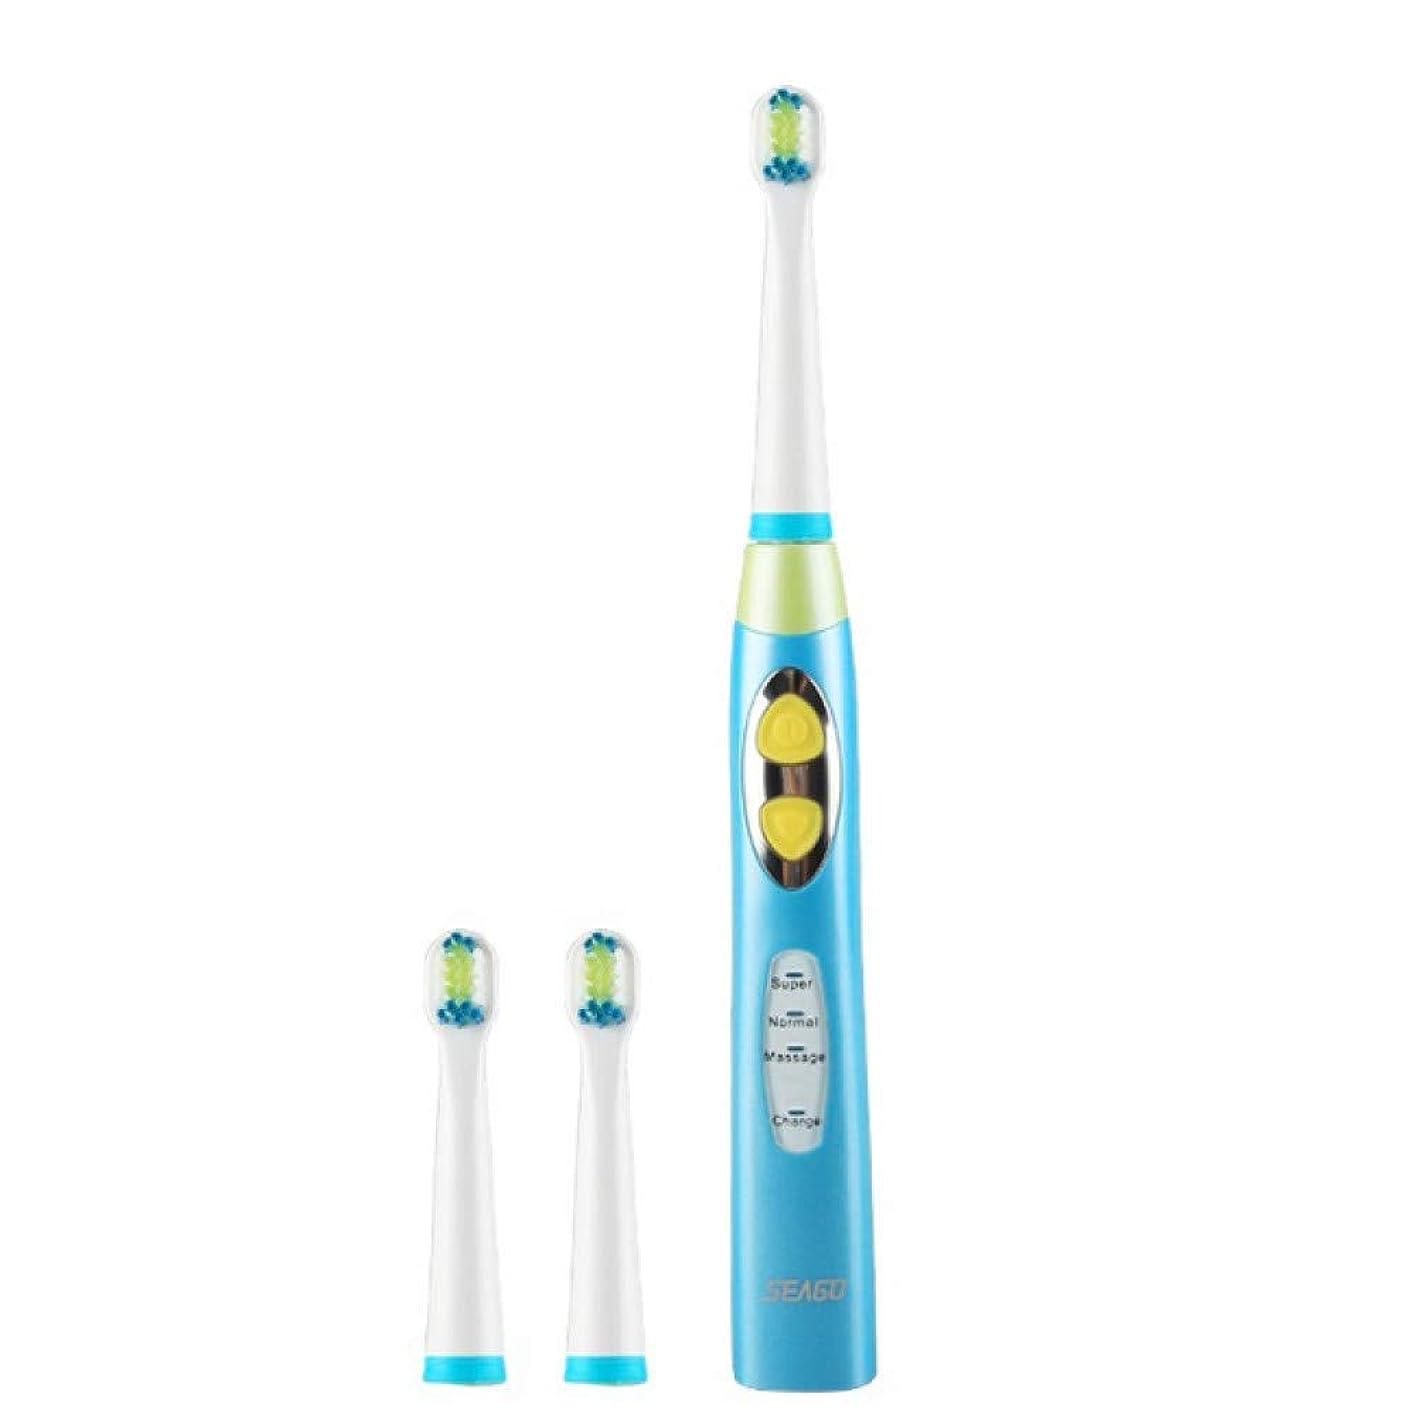 チョコレート配る派生する子供電動歯ブラシUsb充電式充電タイマーブラシ3モードソニック歯ブラシ3頭デンタルケア、ブルー